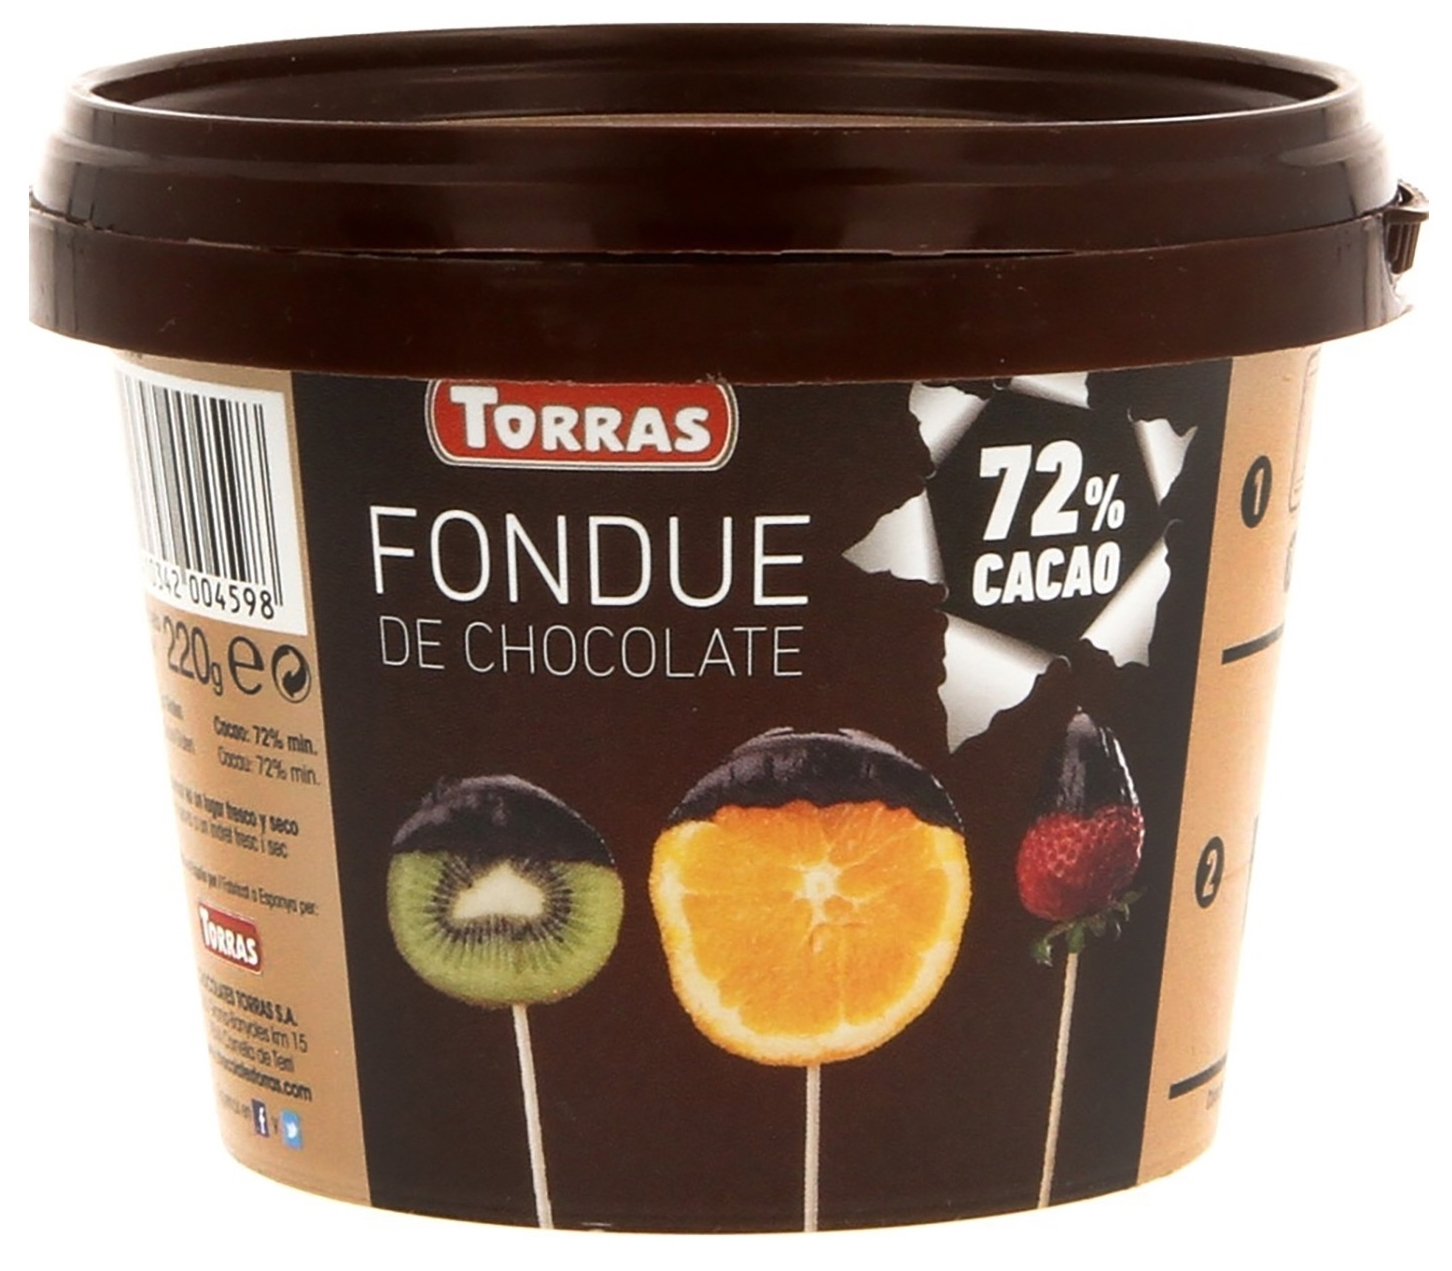 Torras Fondue de chocolate 70% cacao 220g